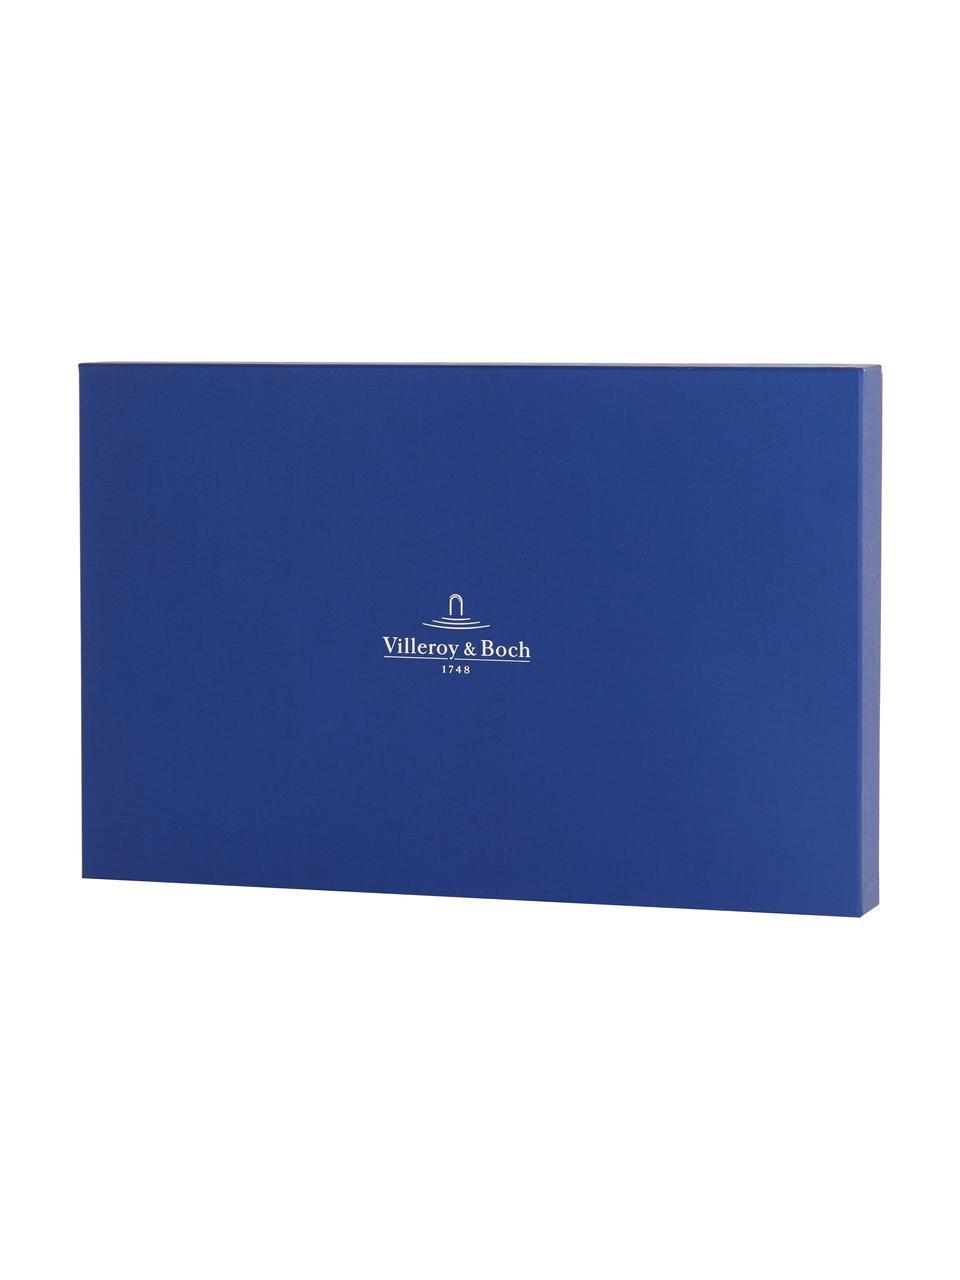 Cubertería de acero inoxidable Ella, 6comensales (30pzas.), Acero inoxidable 18/10, Acero inoxidable, Set de diferentes tamaños